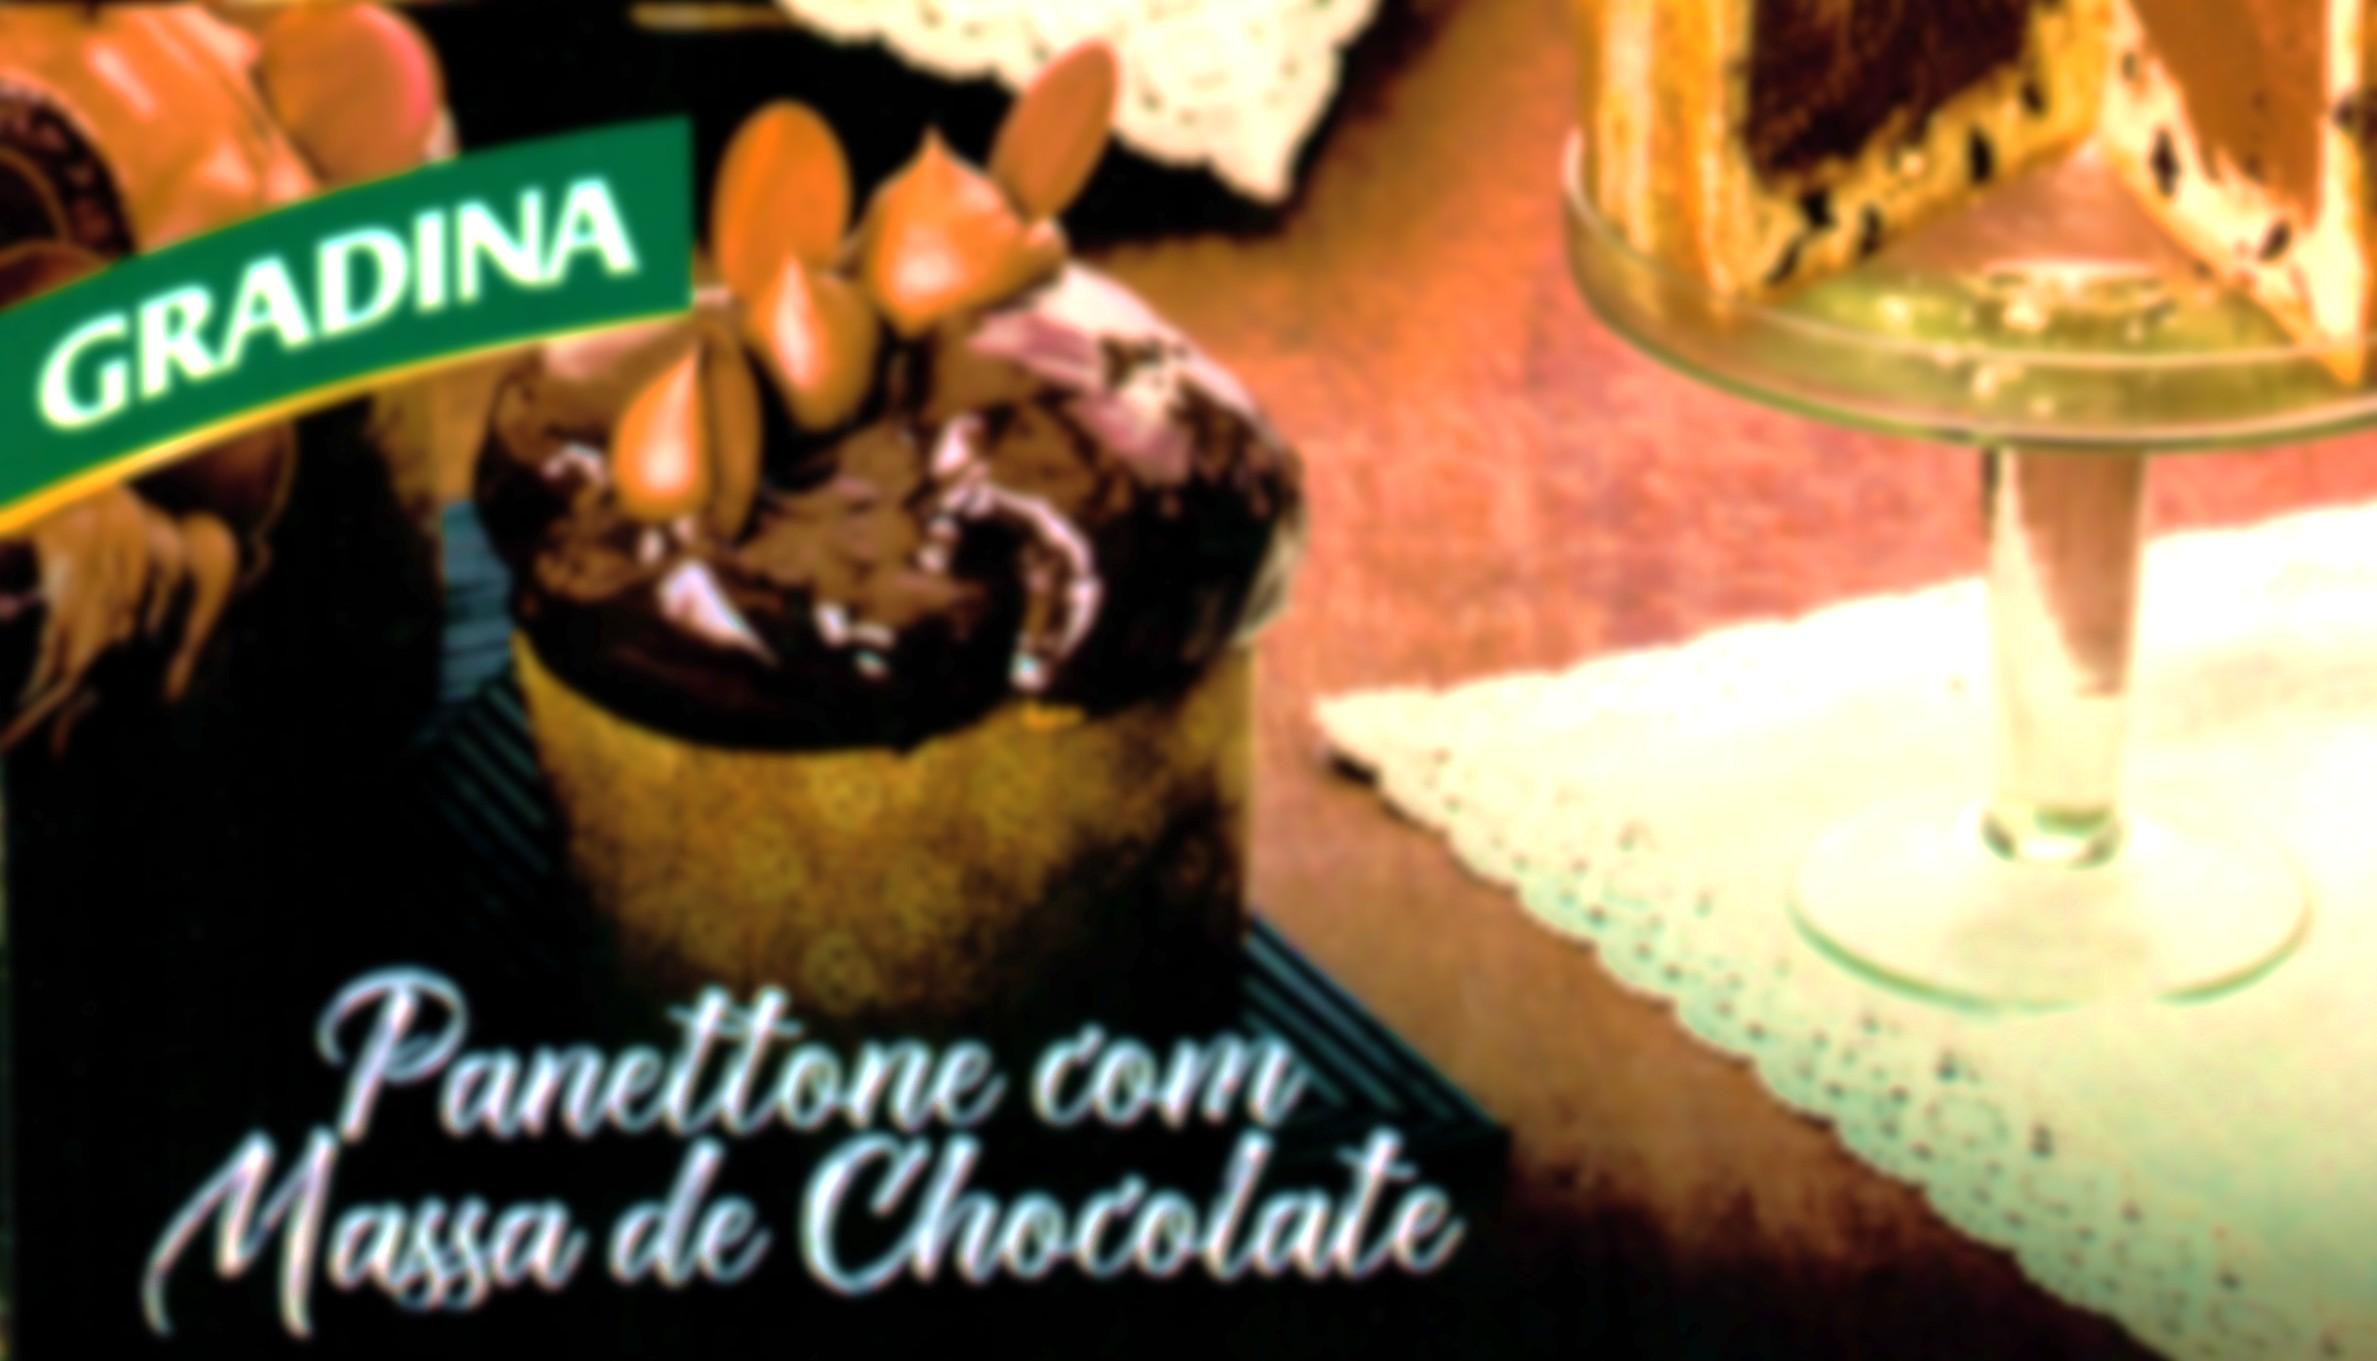 Panetone com Massa de Chocolate